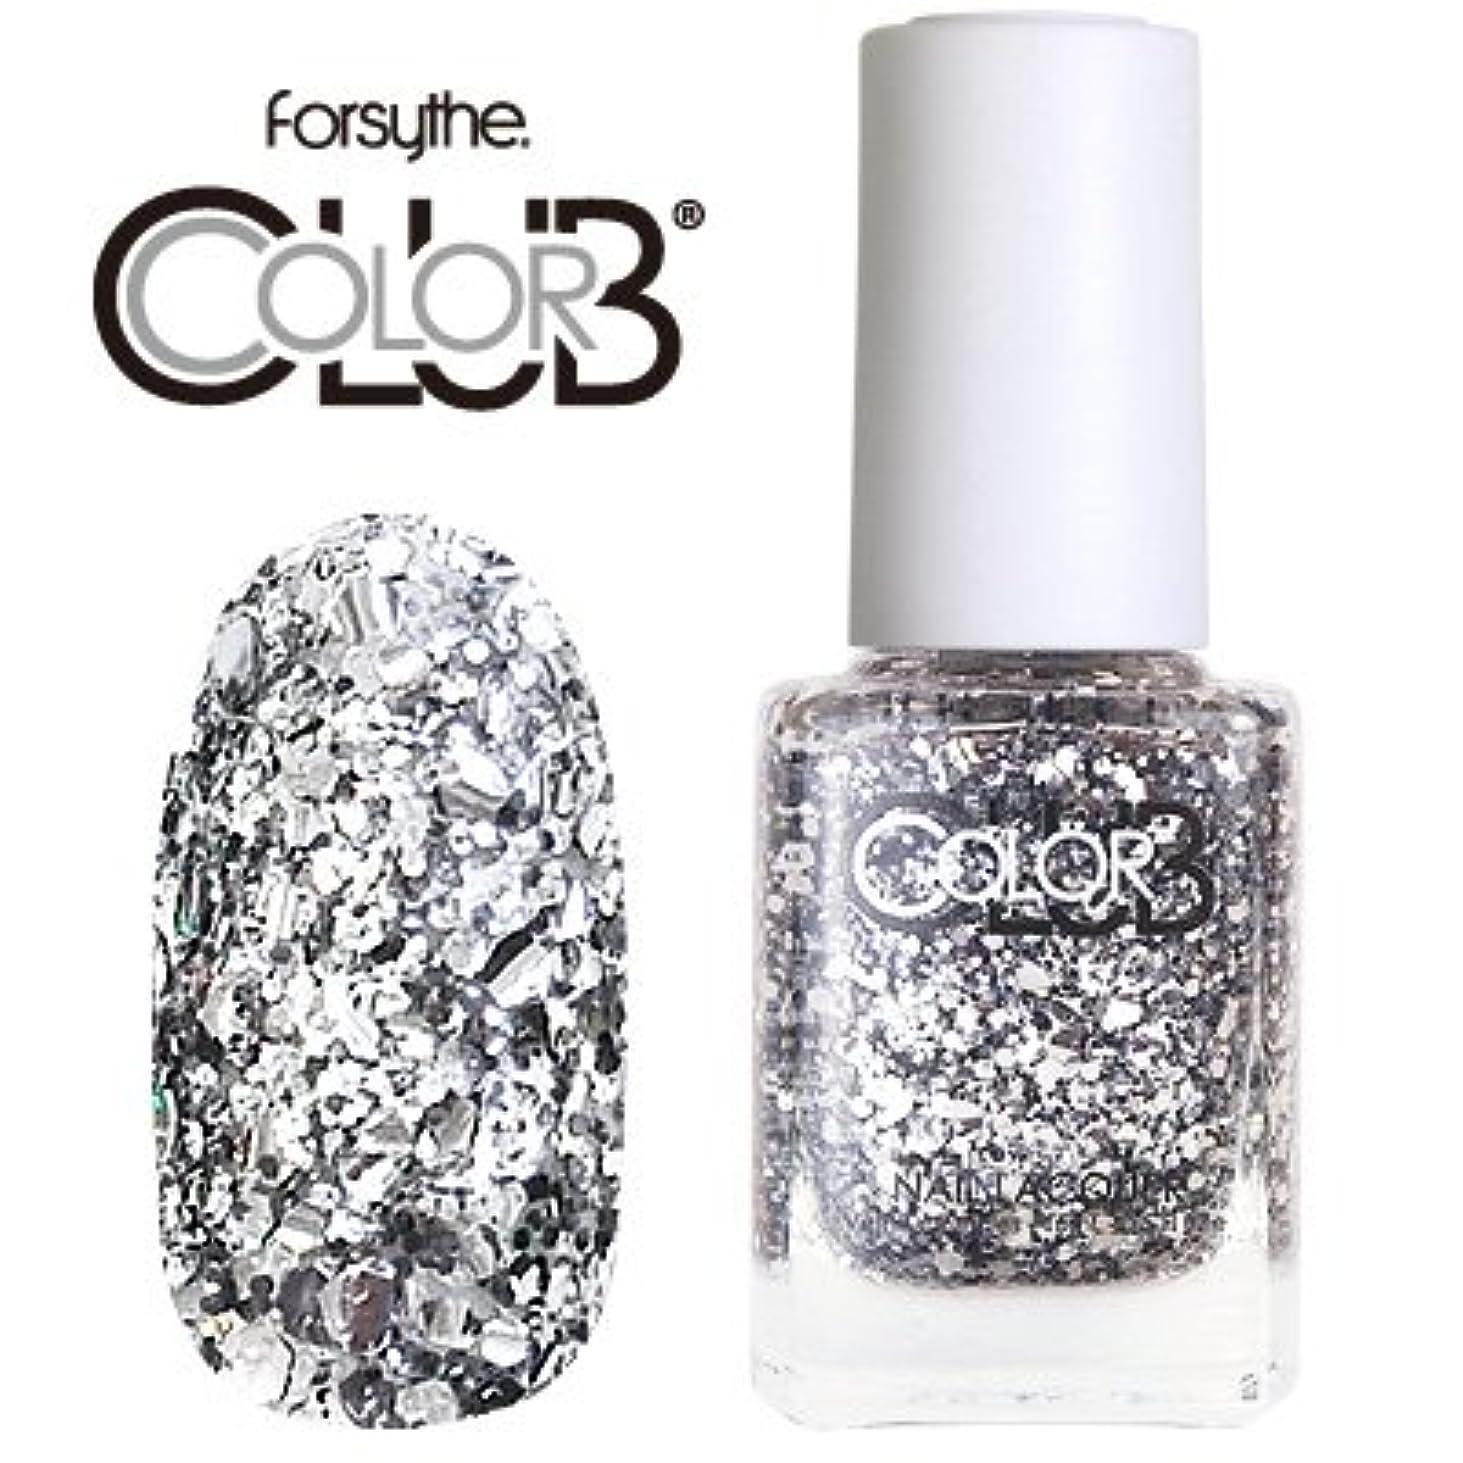 振動させる不毛誘導フォーサイス カラークラブ 948/Platinum Record 【forsythe COLOR CLUB】【ネイルラッカー】【マニキュア】